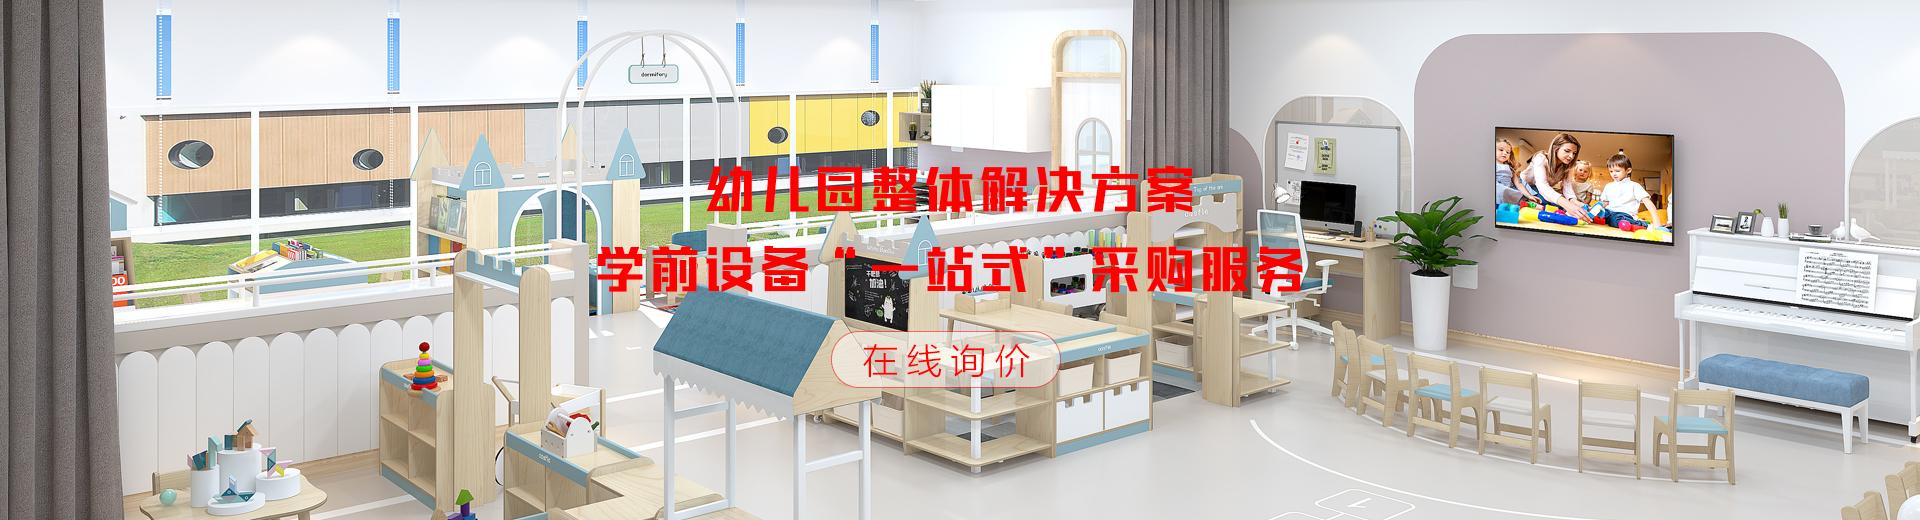 浙江绿森堡儿童用品有限公司